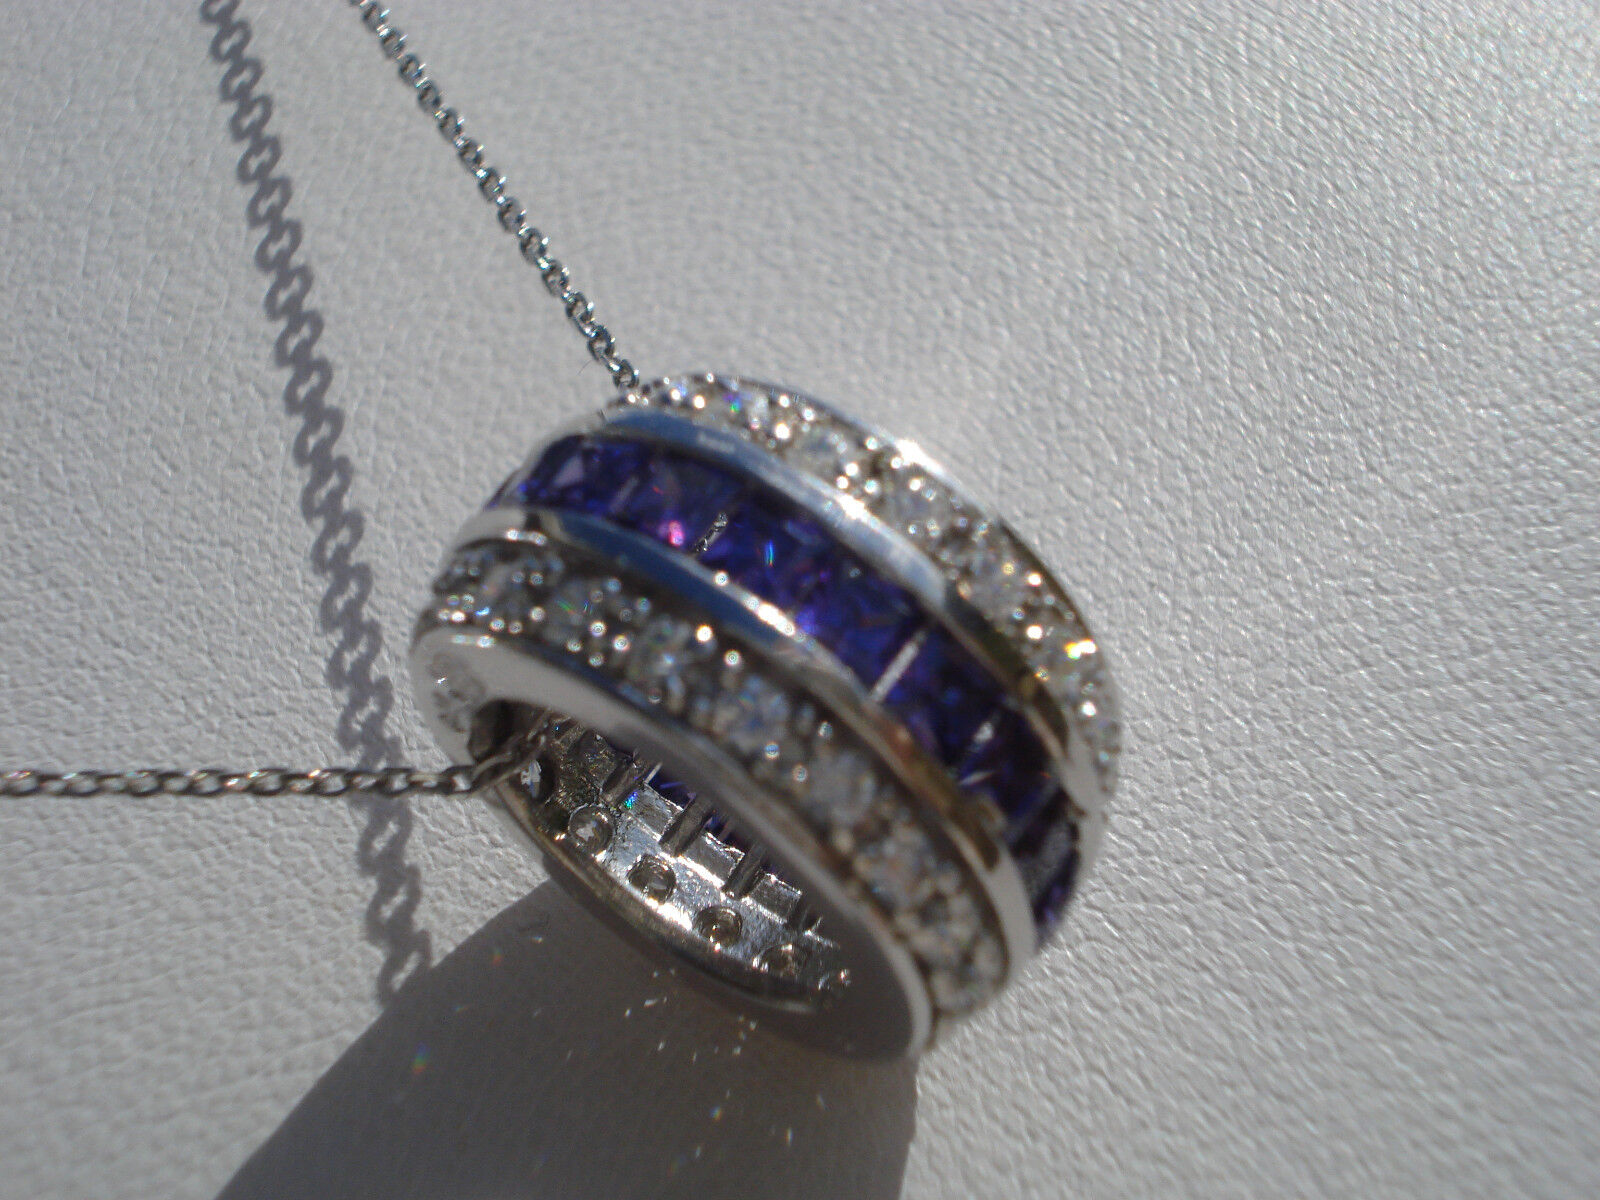 BEAU PENDENTIF PERLE EN argento argento argento OXYDES biancaS ET violaS CHAINE argento 3ce5f7